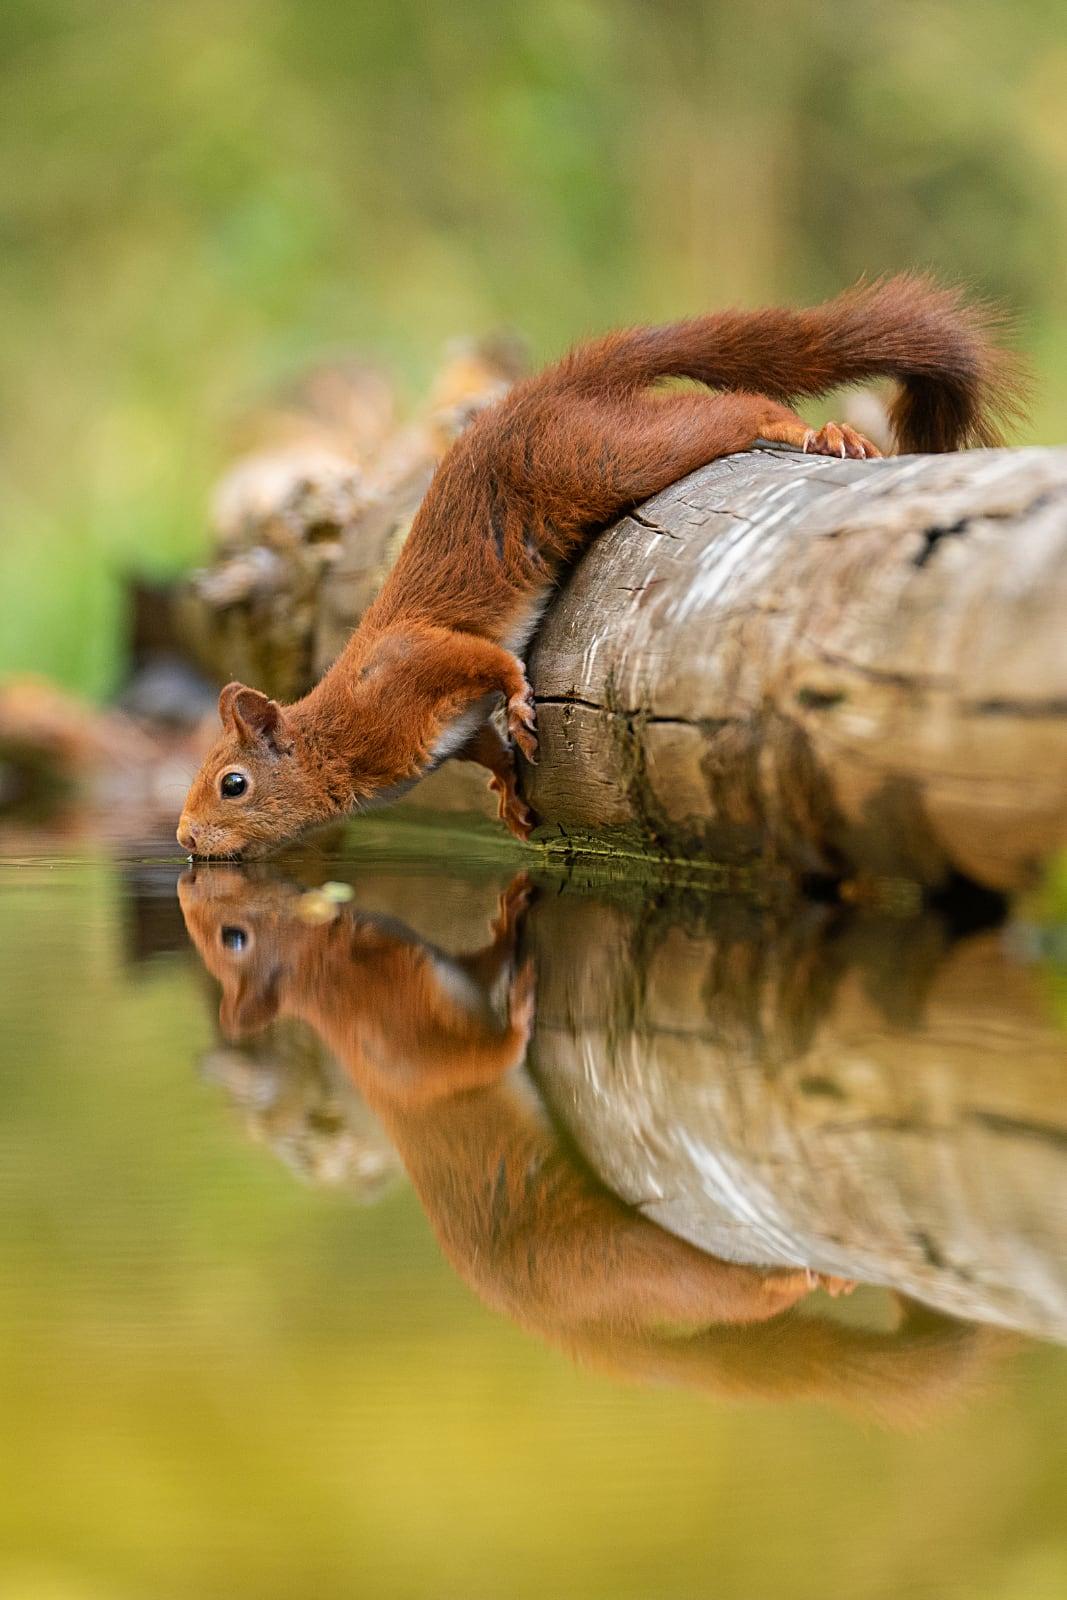 foto: © Dick van Duijn - Eekhoorn hangt over boomstronk in water om te drinken